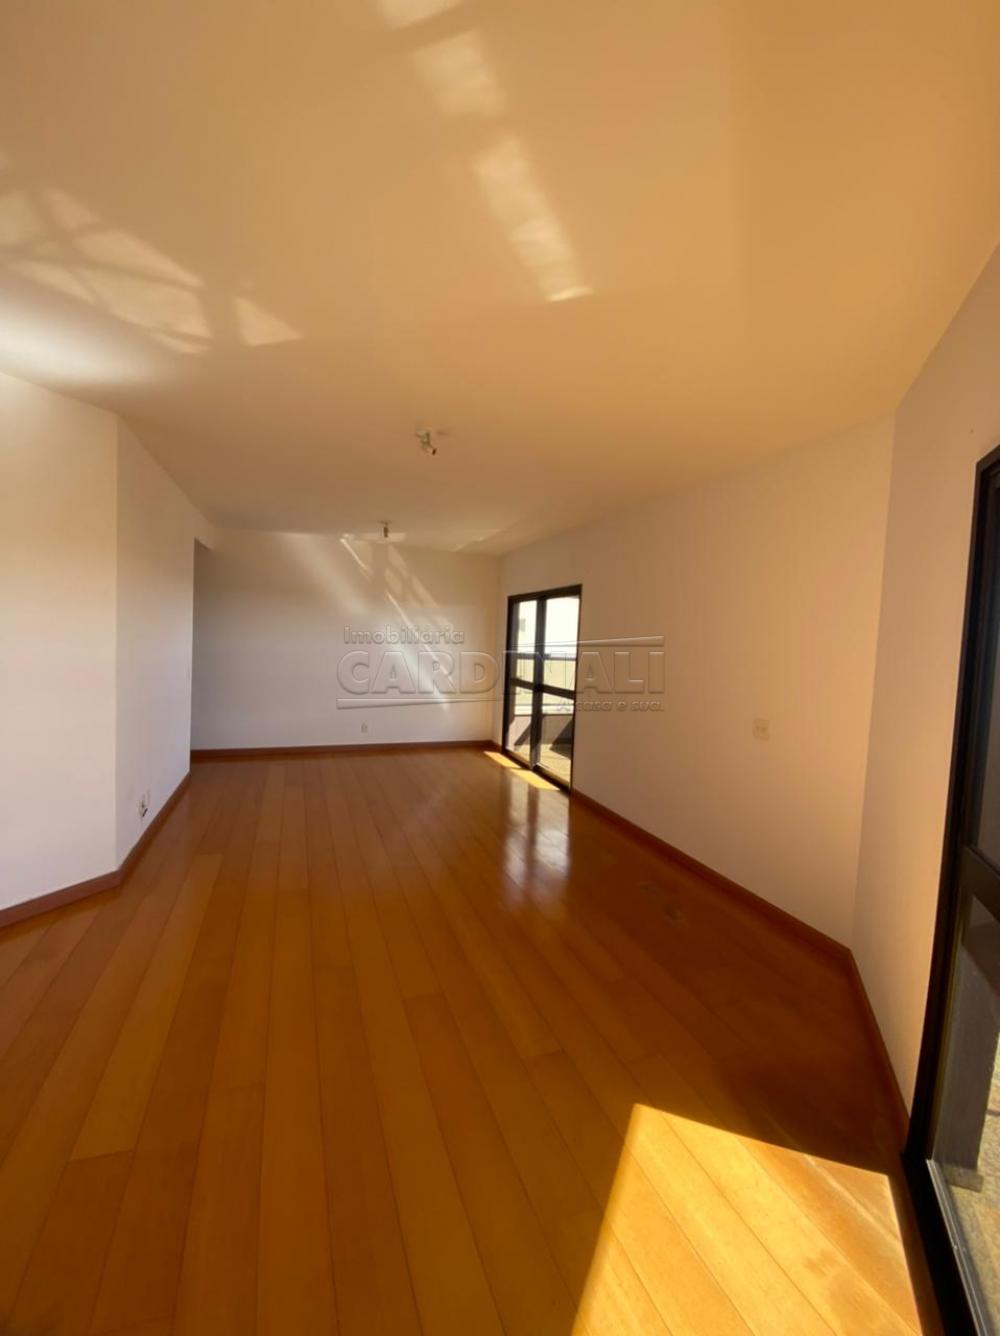 Alugar Apartamento / Padrão em São Carlos R$ 1.778,00 - Foto 2